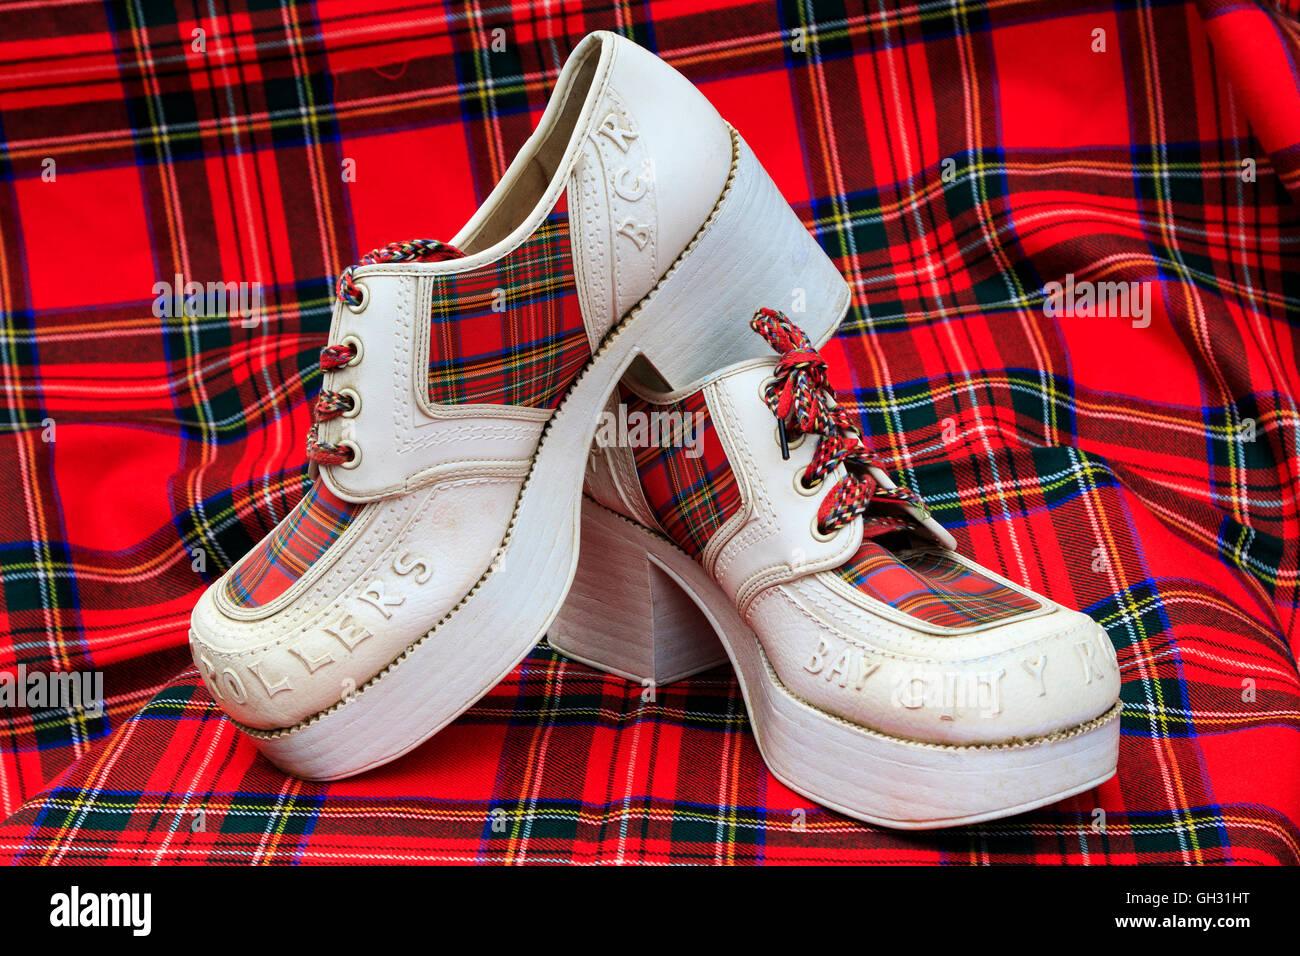 """""""Früher"""" """"Bay City Rollers"""" Mode Schuhe, aus den 1970er Jahren. Bay City Rollers war ein schottischer Popgruppe Stockfoto"""